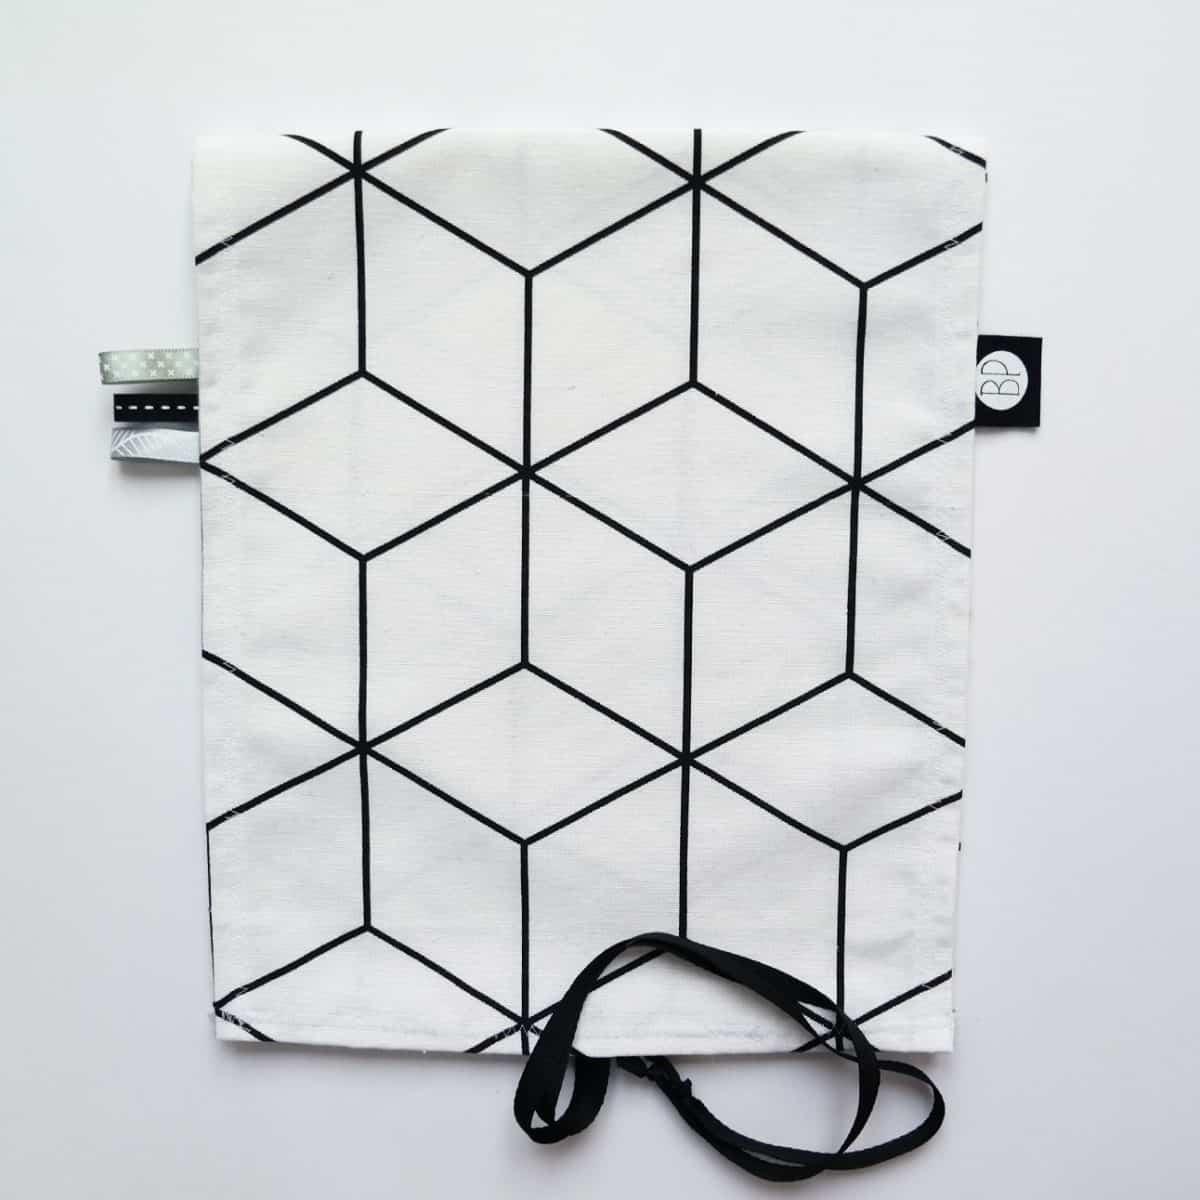 omkleedkussenhoes aankleedkussenhoes zwart wit kubus